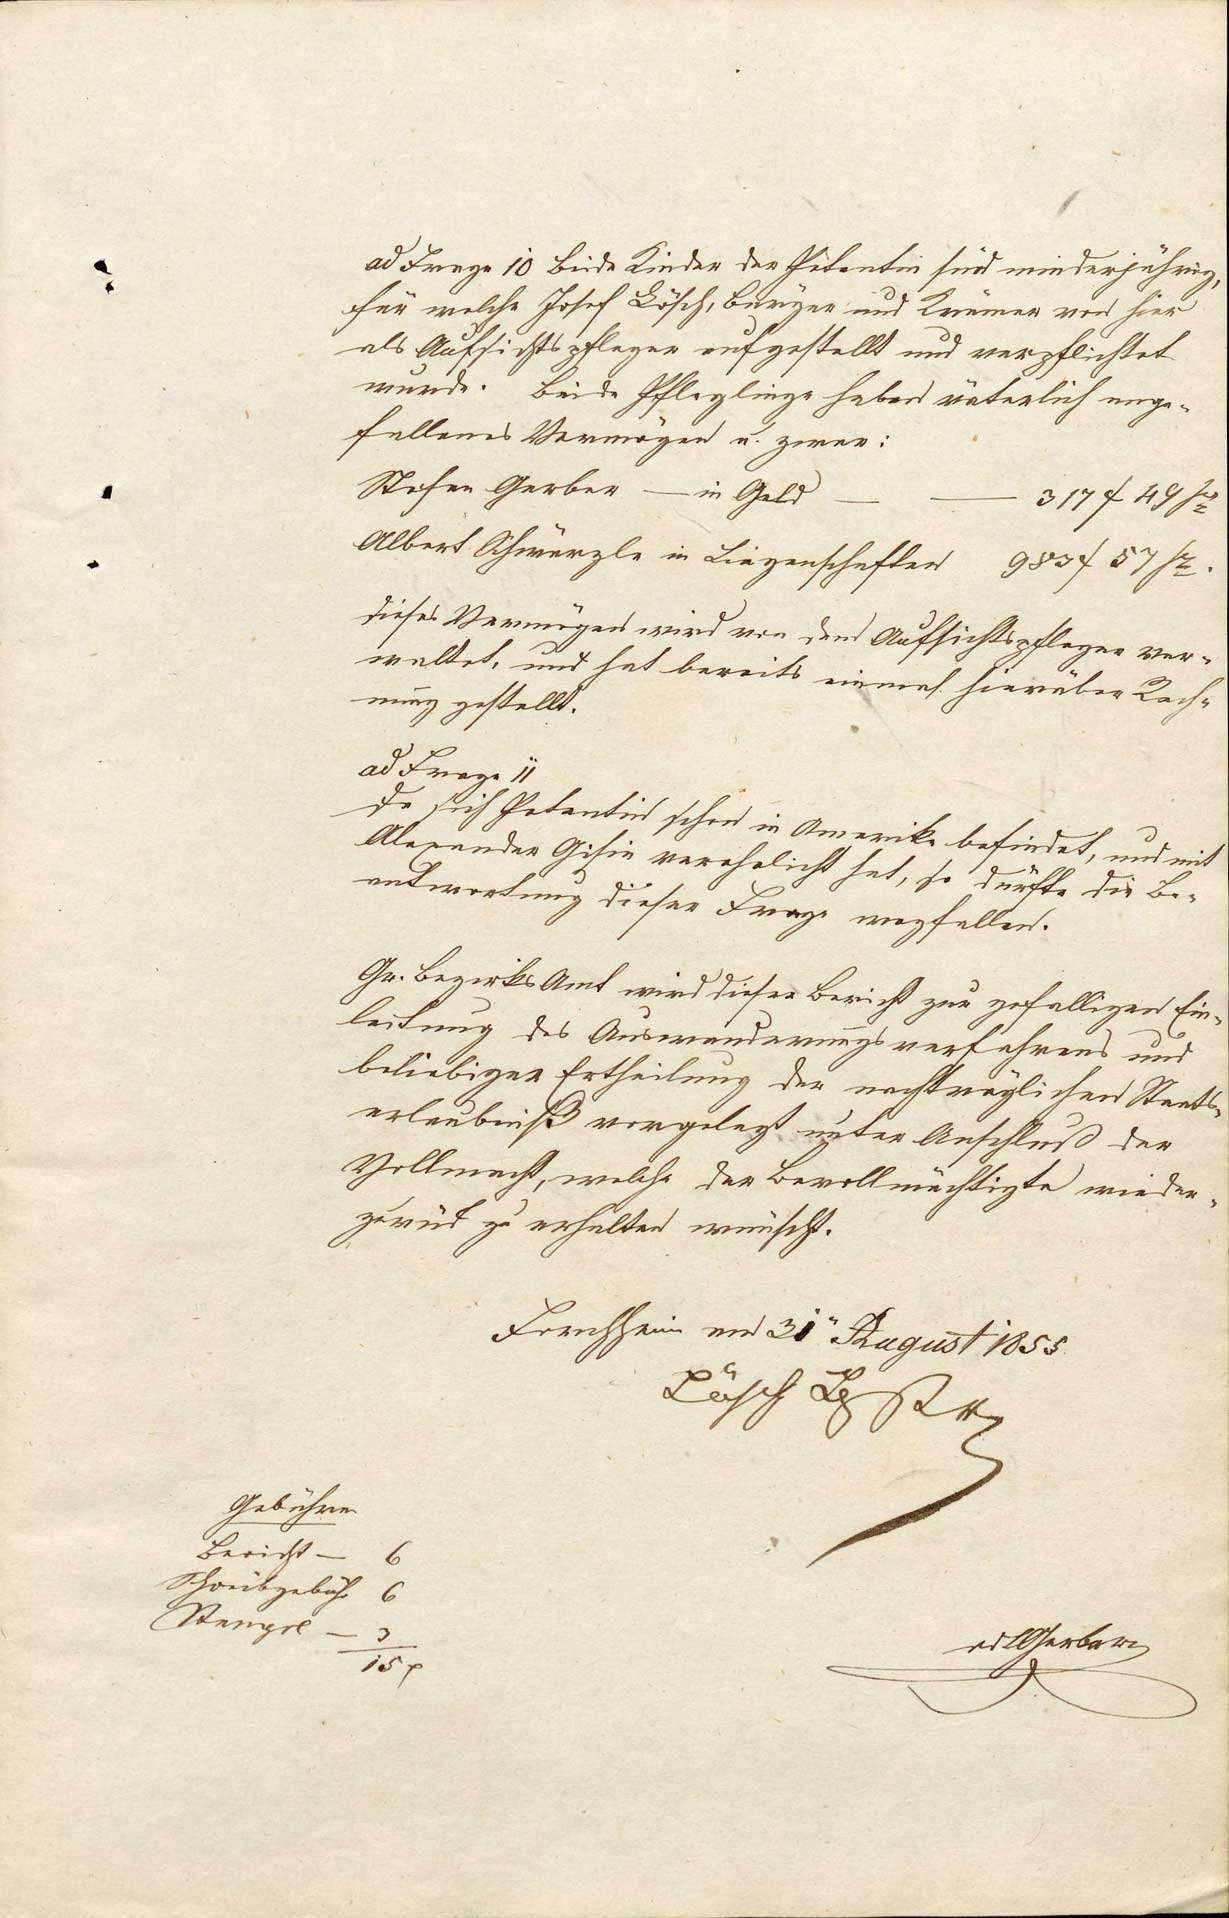 Auswanderung: Karolina Schwärzle, Forchheim, nach Nordamerika Stefan Gerber, Forchheim Albert Schwärzle, Forchheim, Bild 3